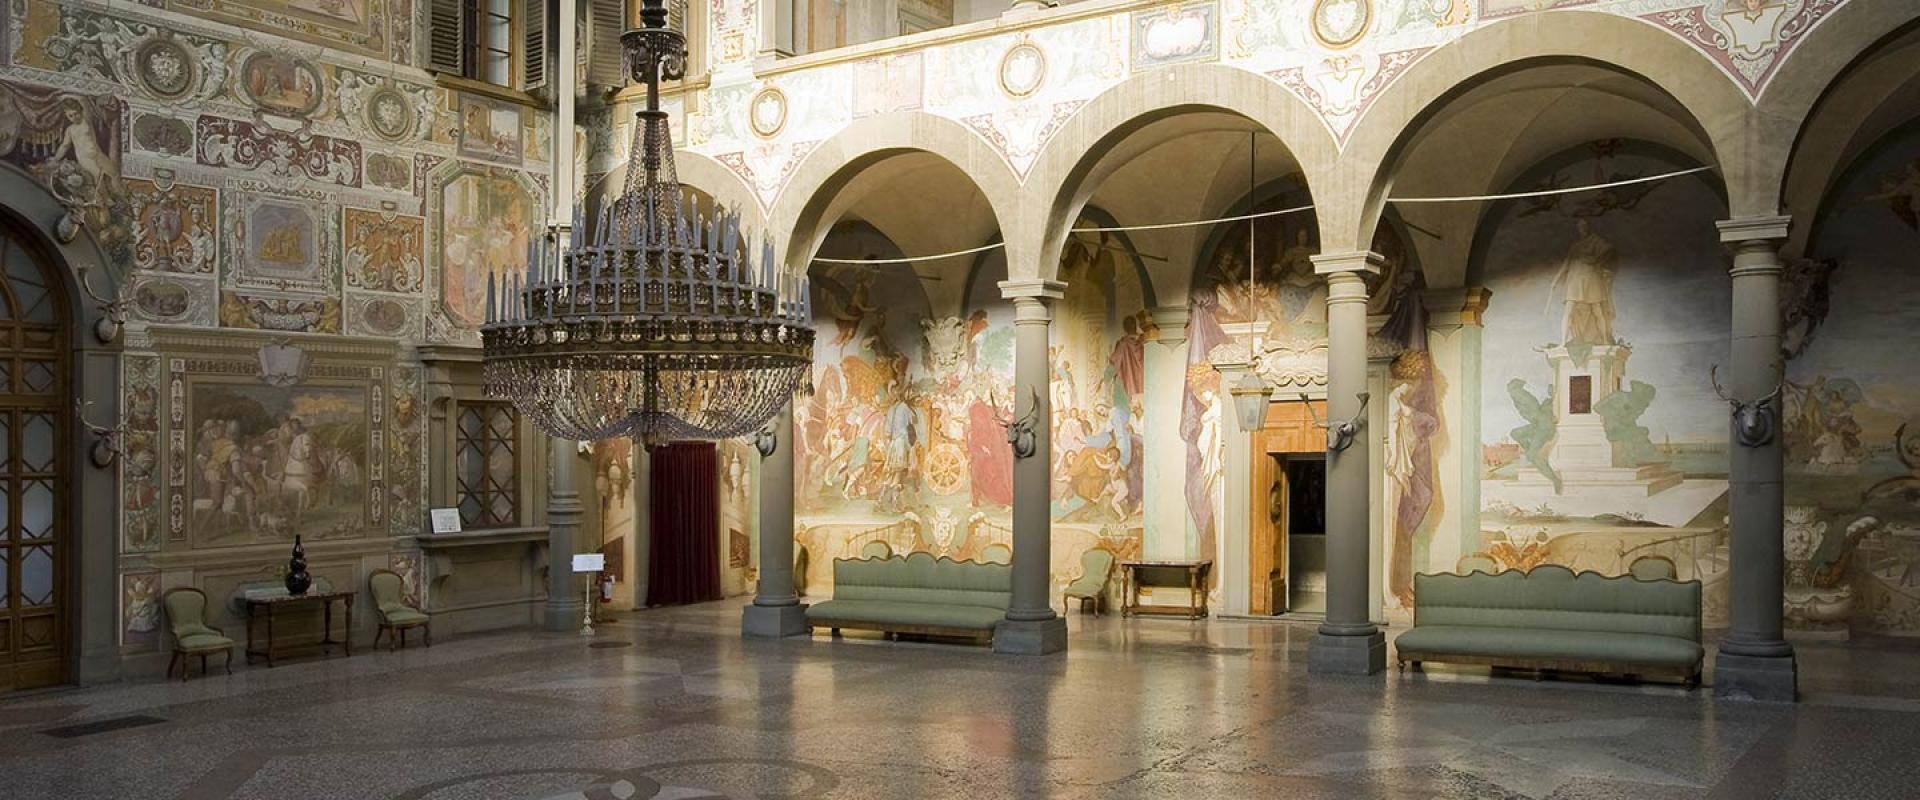 Visit Villa della Petraia and Villa di Castello in Florence area The countryside's villas of Medici family